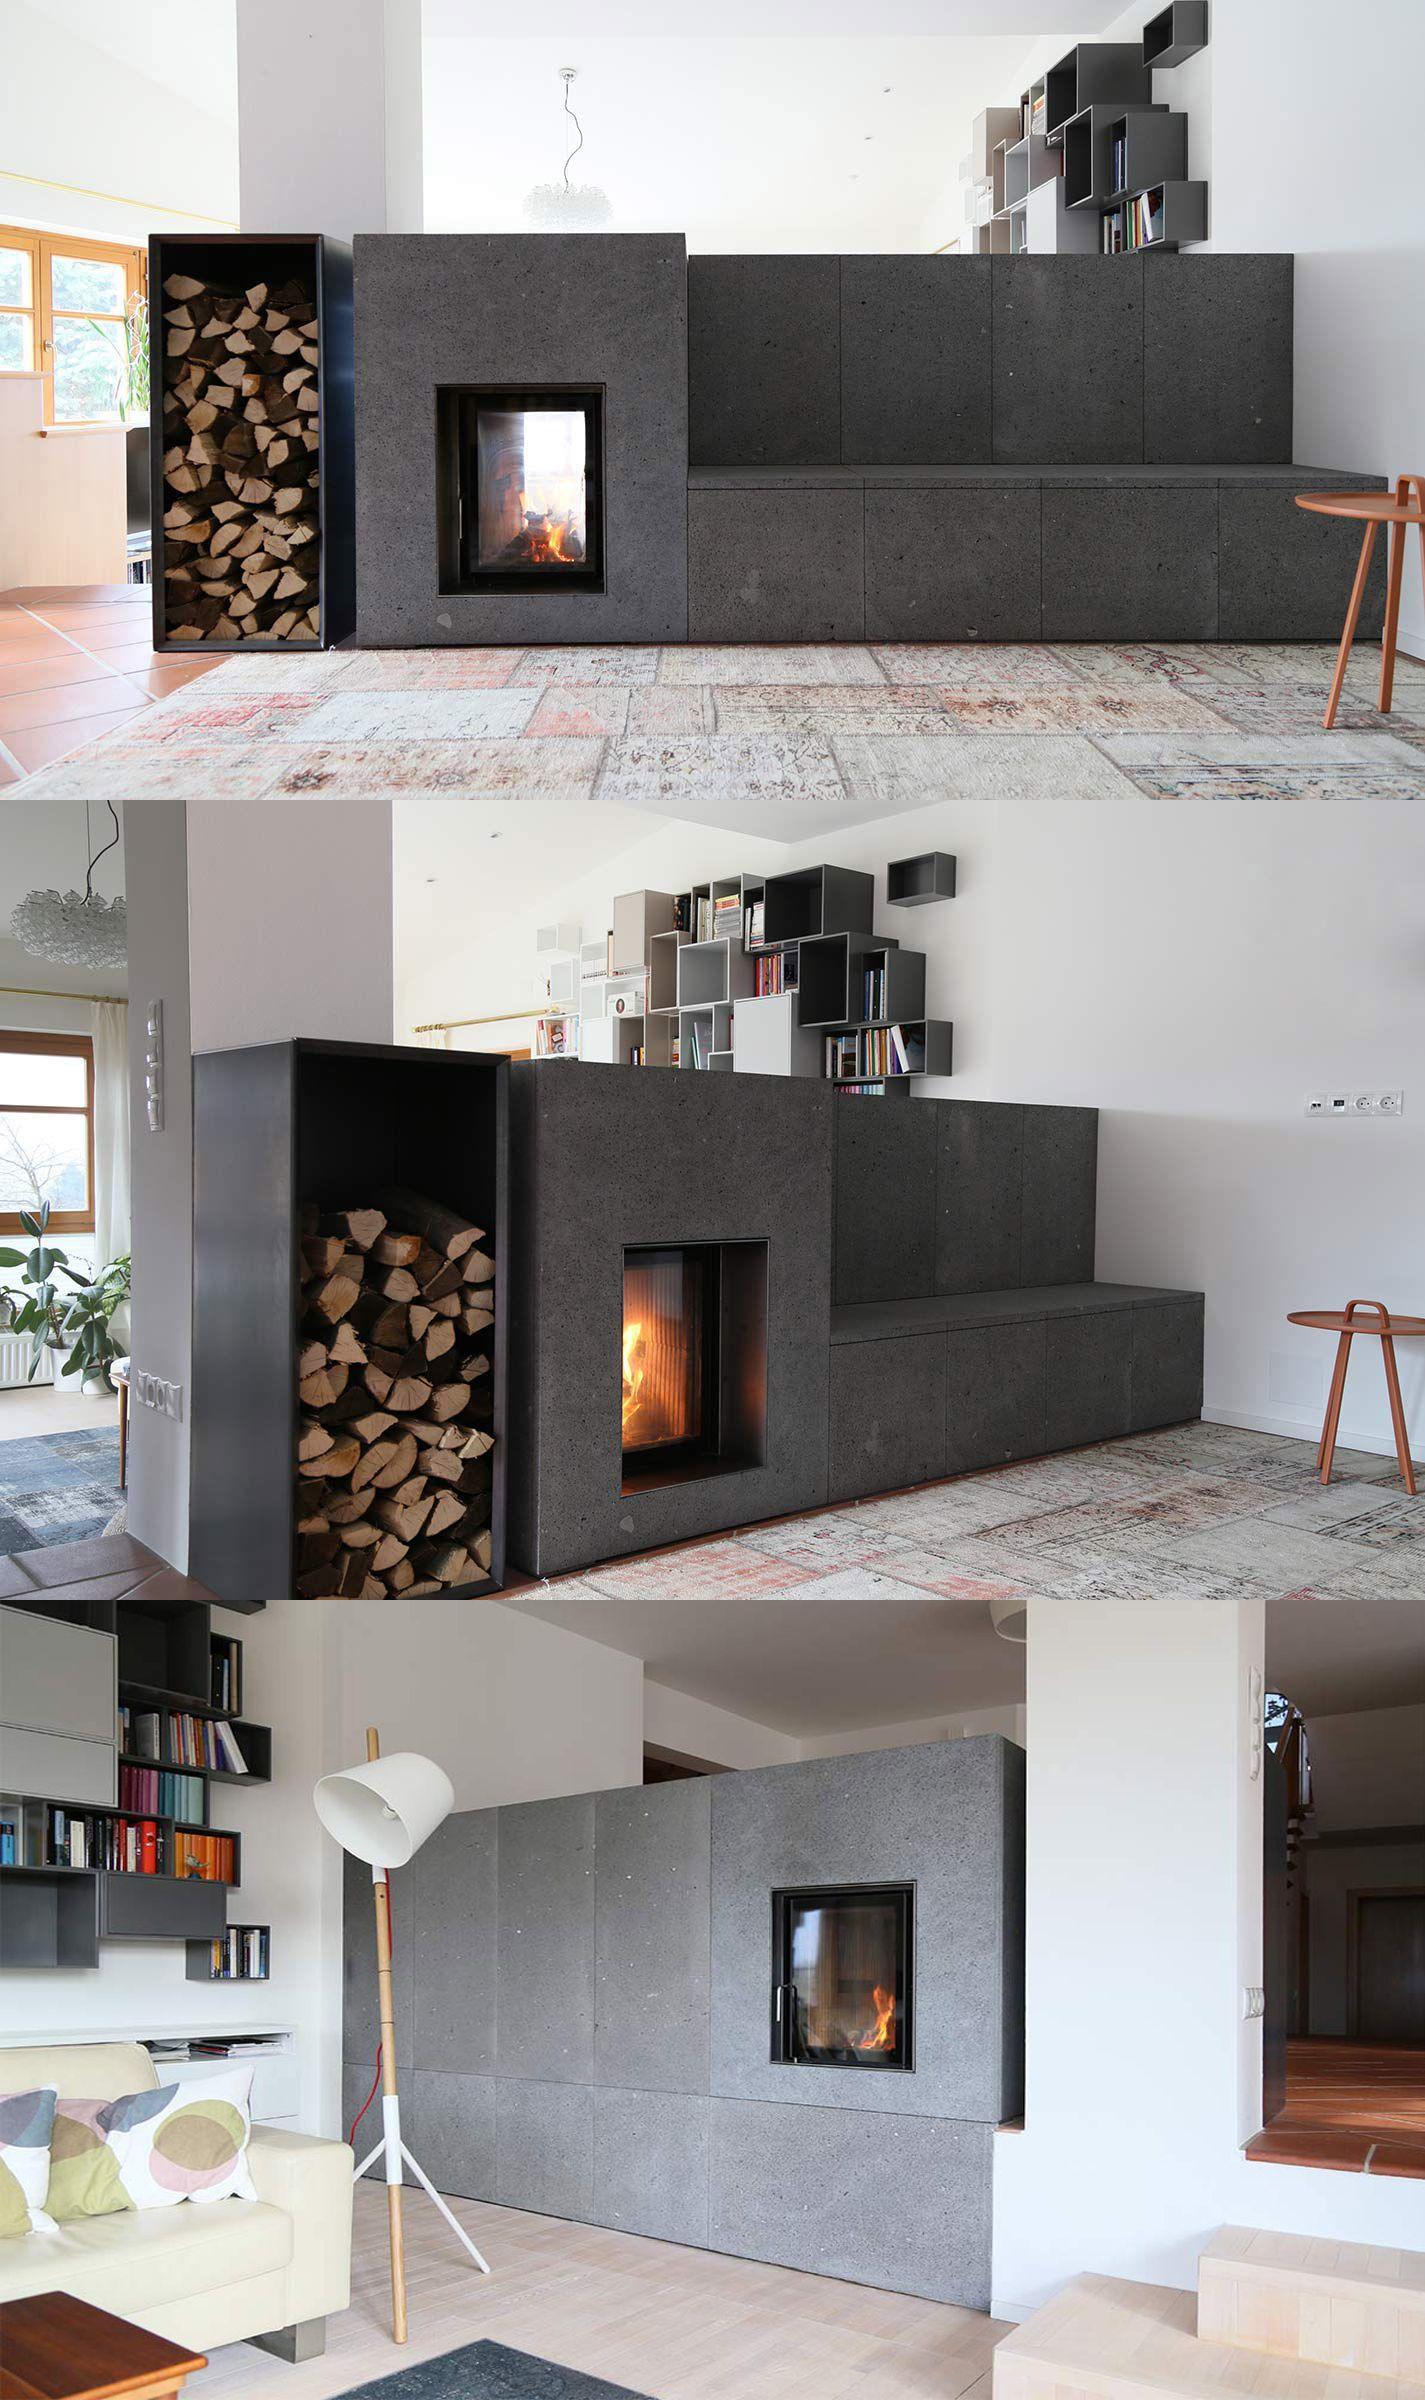 kachelofen als raumteiler graz 2014 j rgen rajh kachelofen stoves pinterest kachelofen. Black Bedroom Furniture Sets. Home Design Ideas